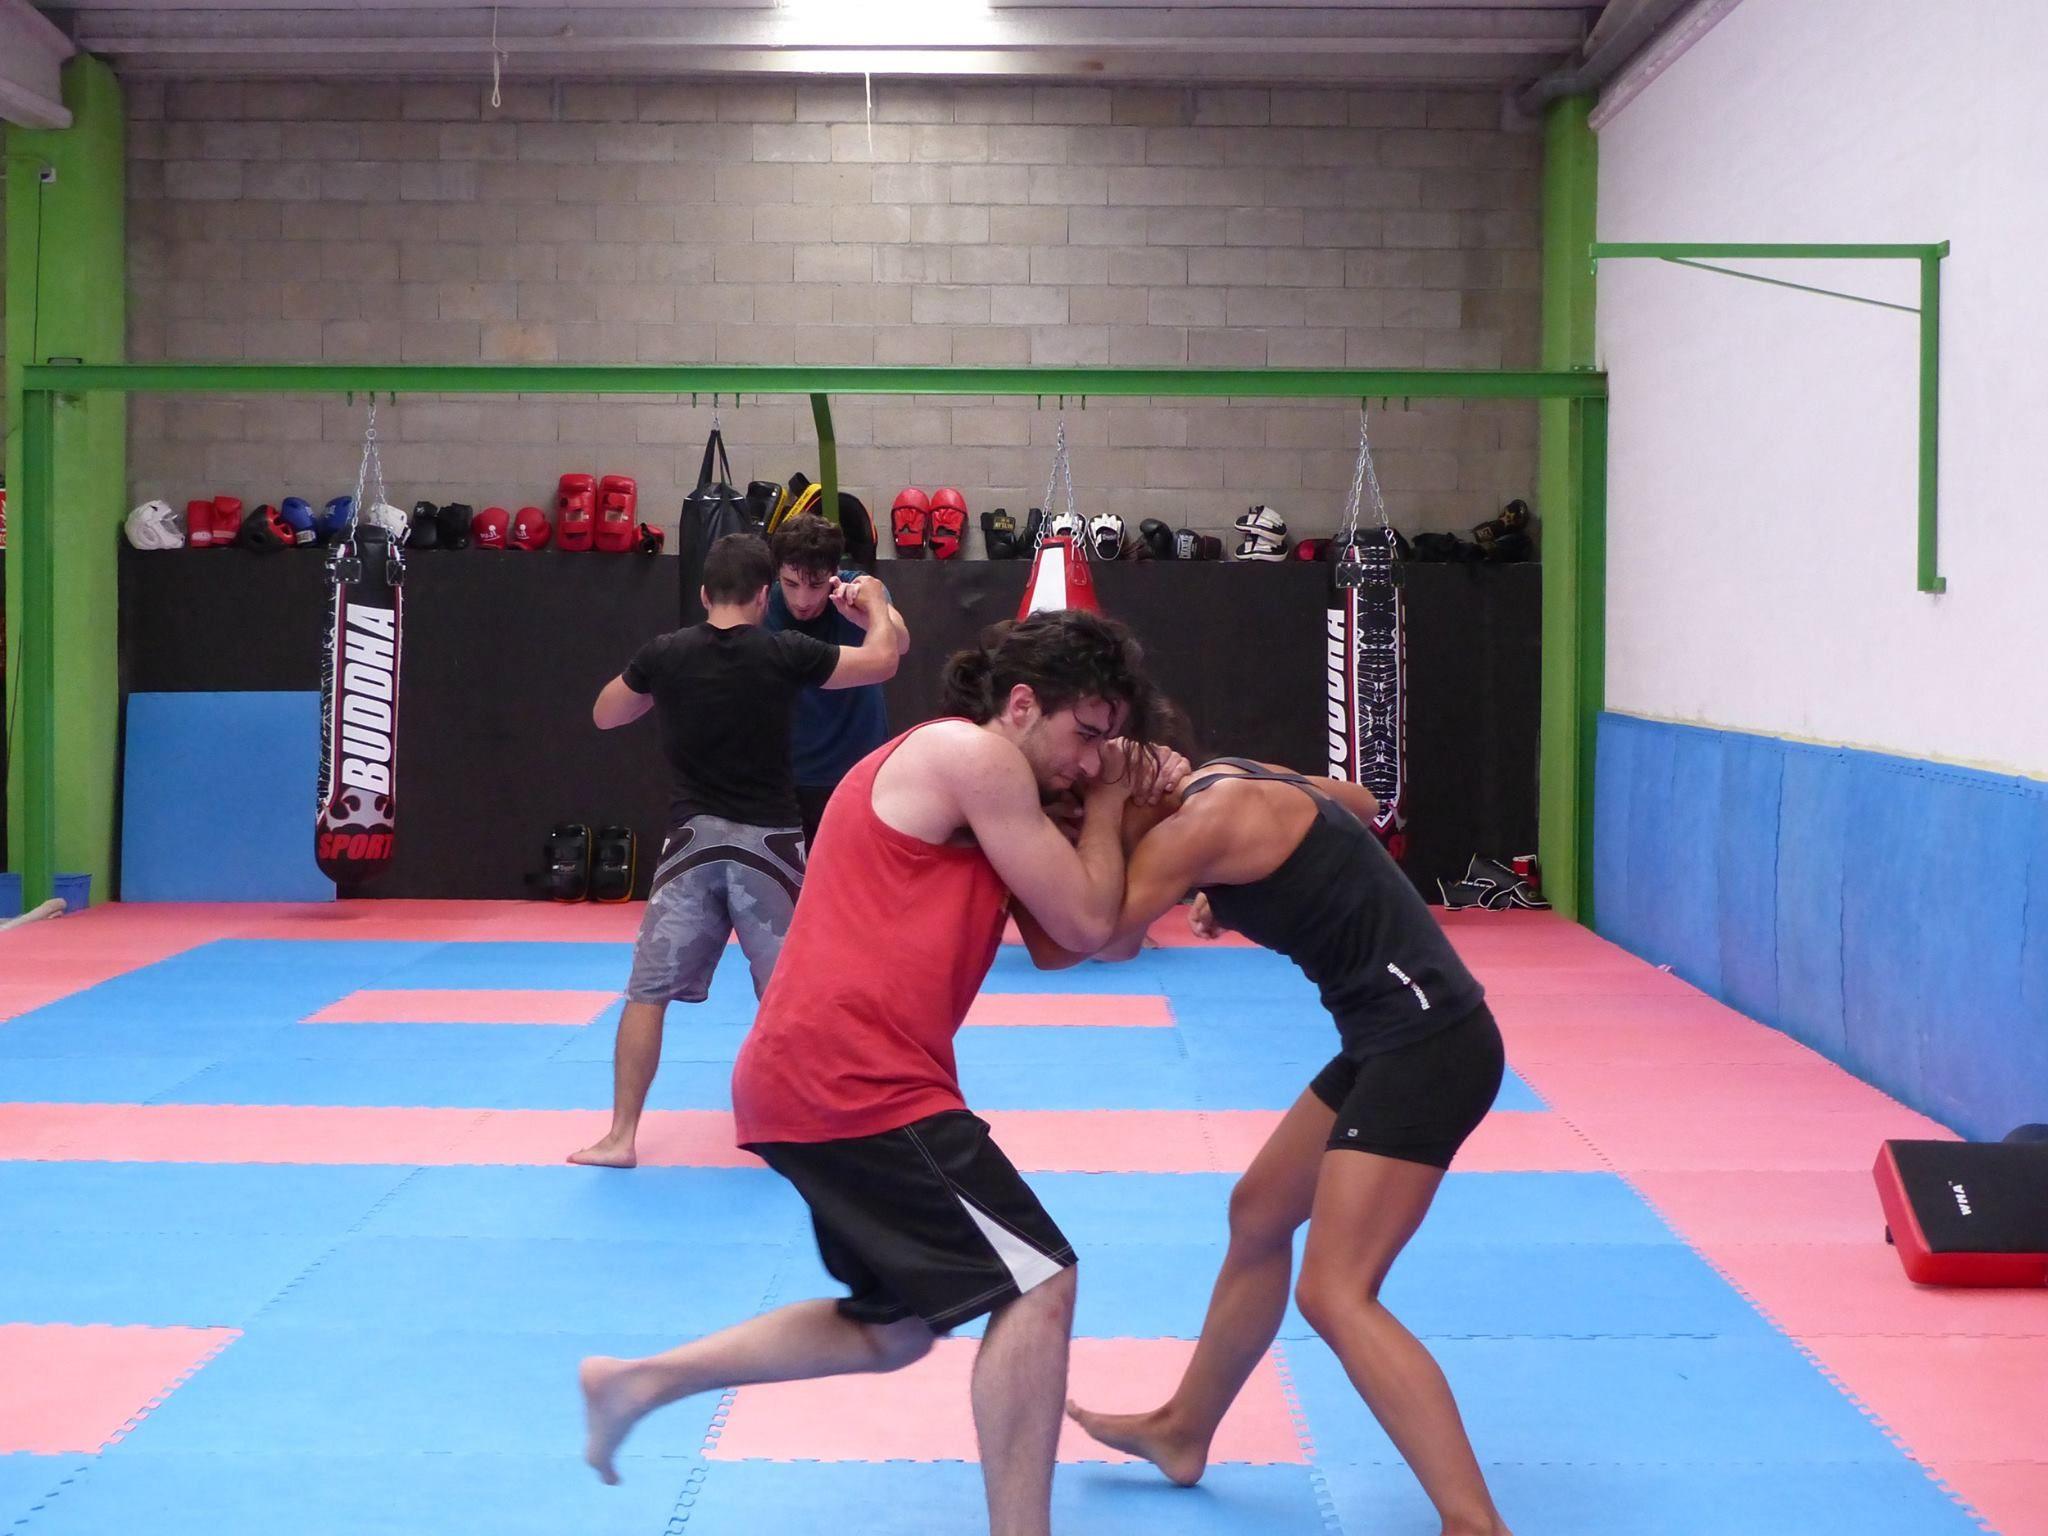 Aprender Kung Fu en Cuatro Caminos Madrid